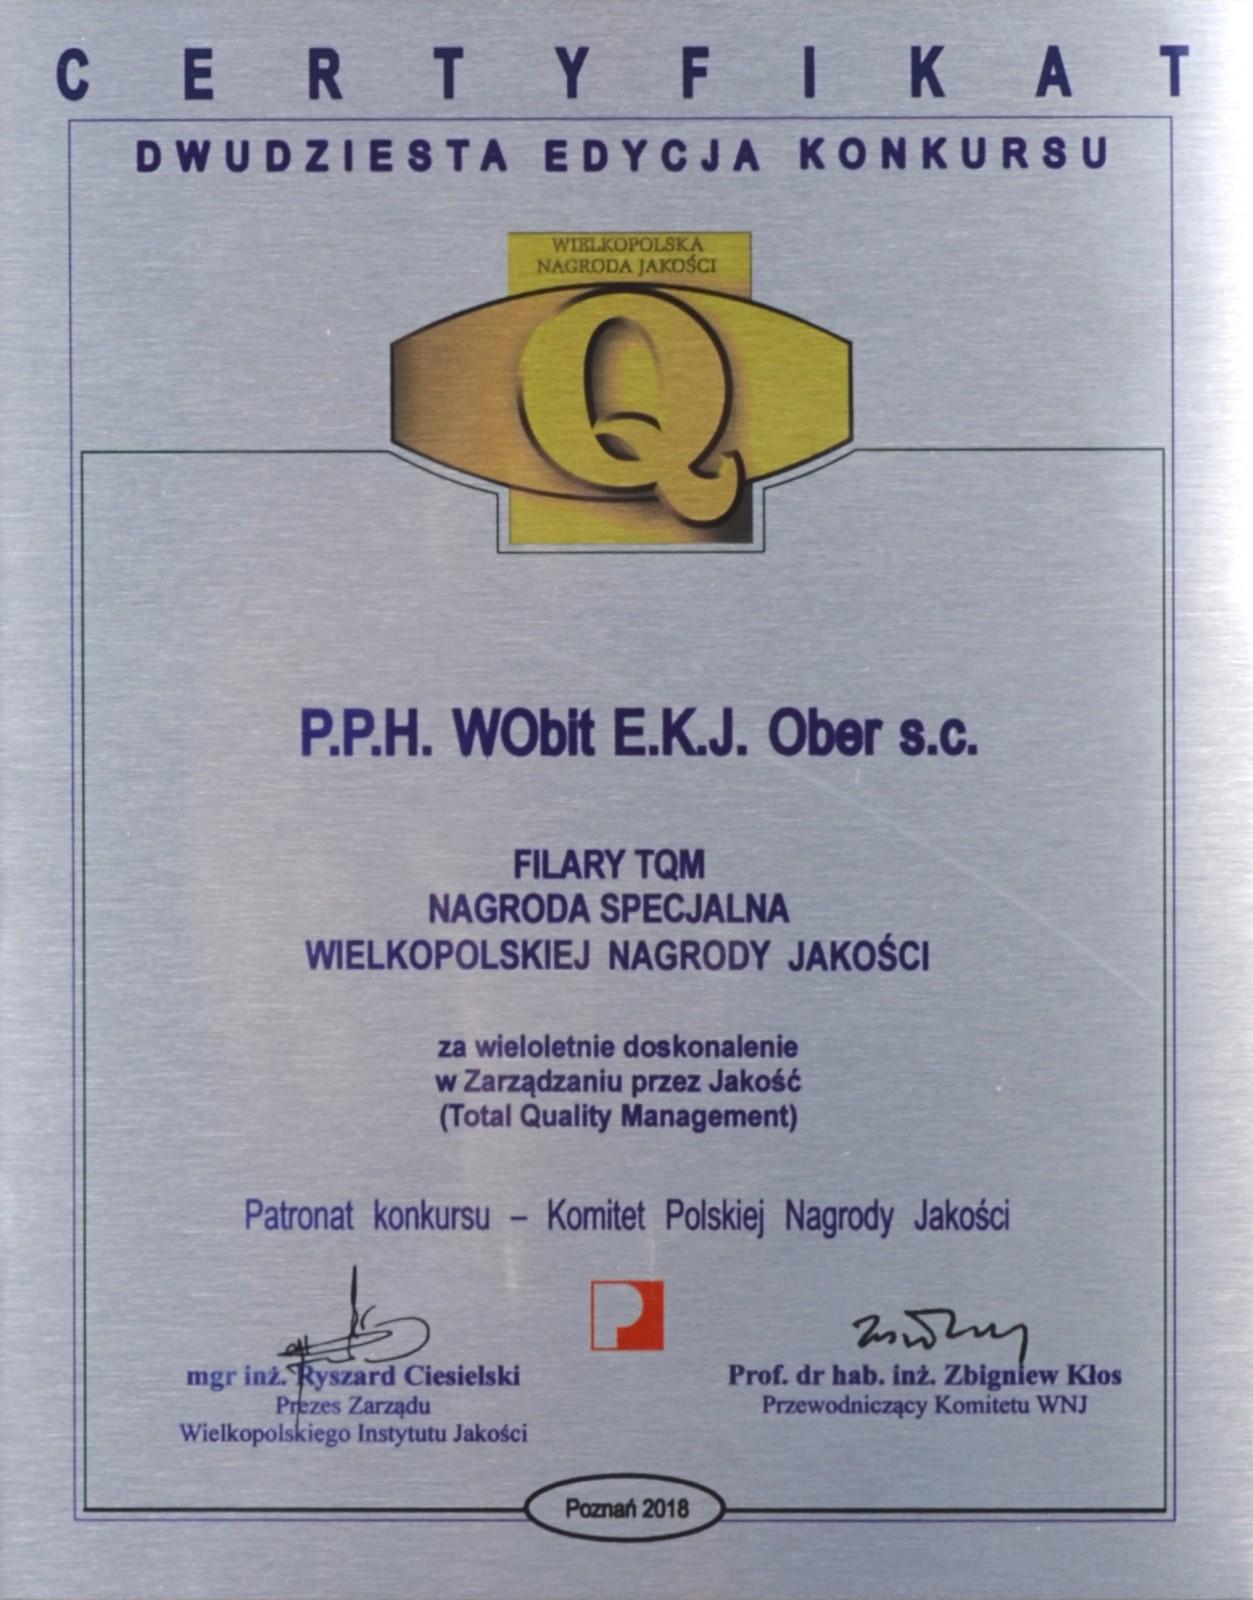 Nagroda Specjalna Jubileuszowego Konkursu o Wielkopolską Nagrodę Jakości